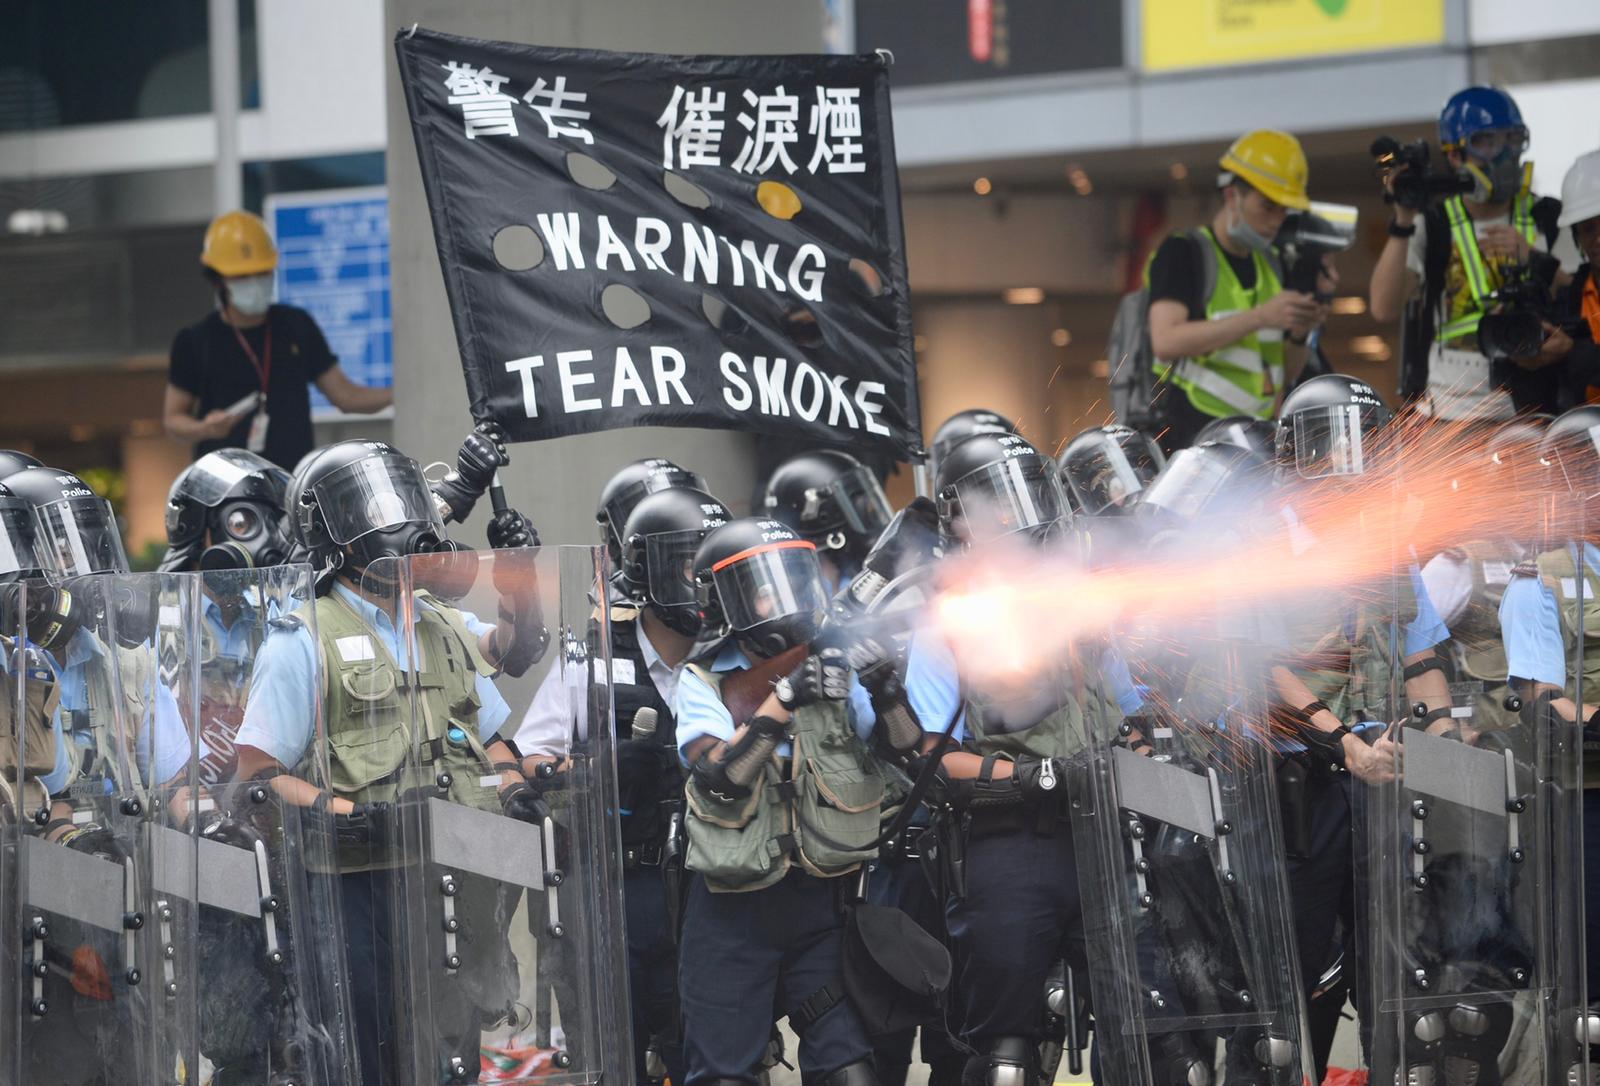 警方發放催淚彈及布袋彈、橡膠子彈驅散示威者